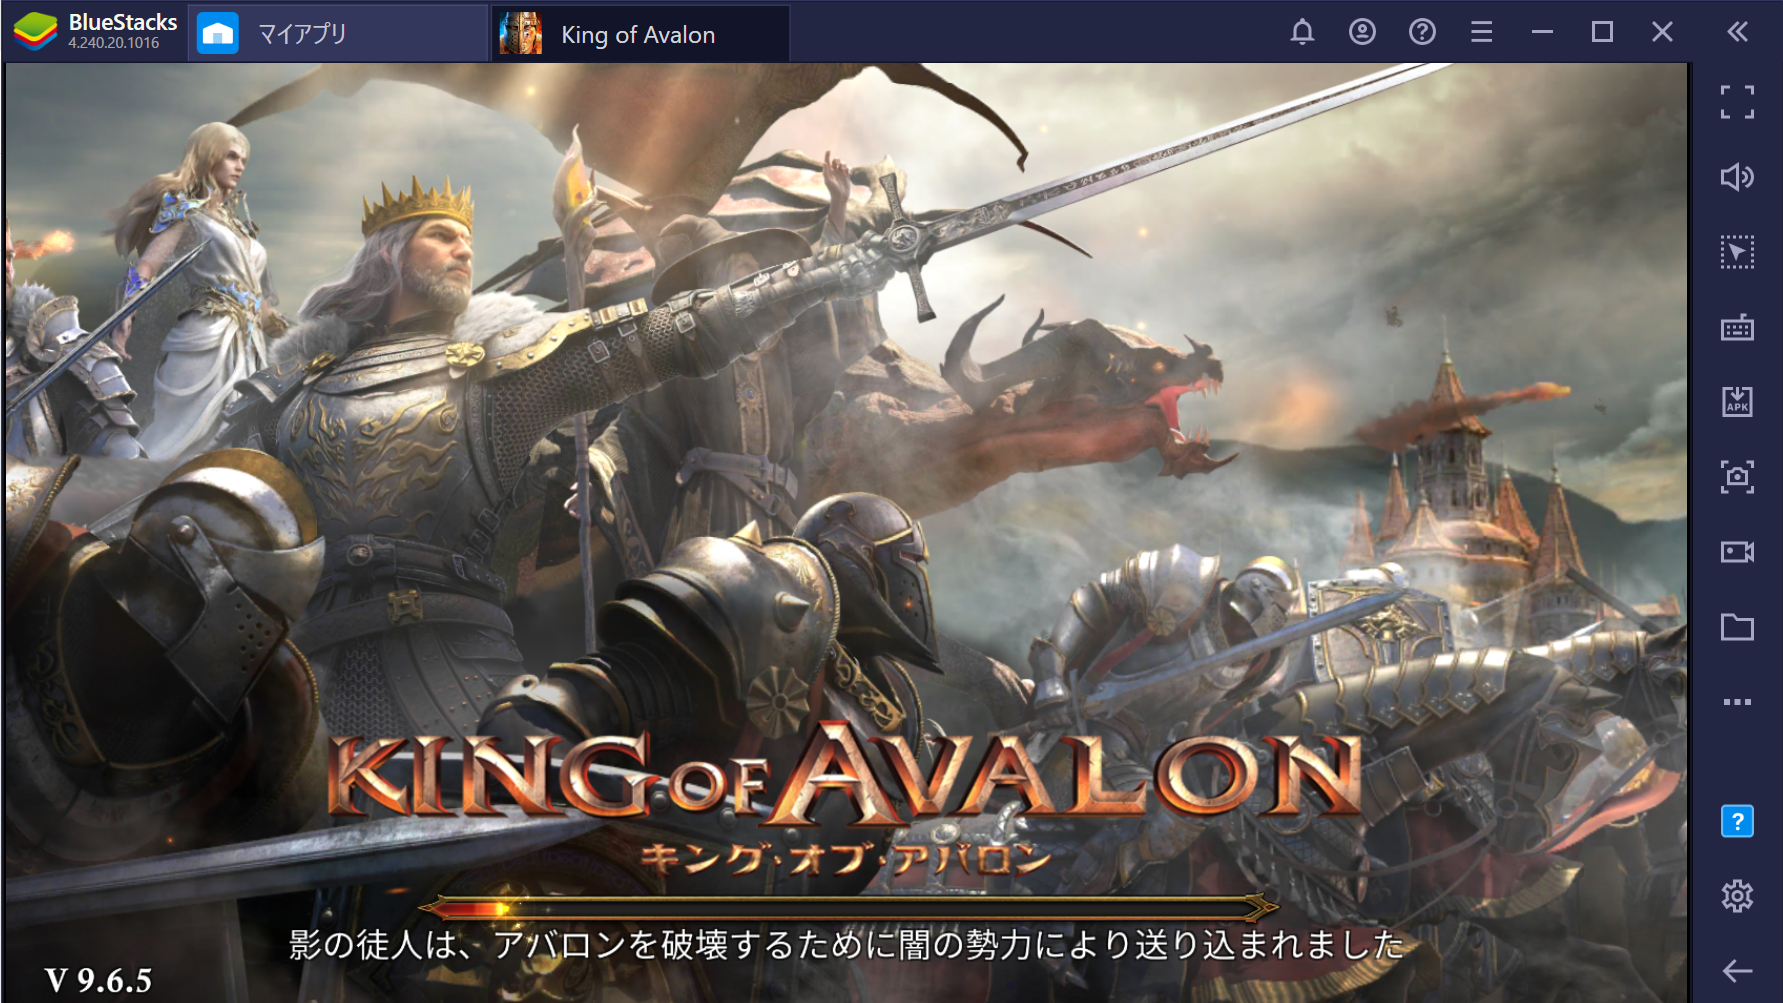 BlueStacksを使ってPCで『キング・オブ・アバロン: 支配戦争』を遊ぼう